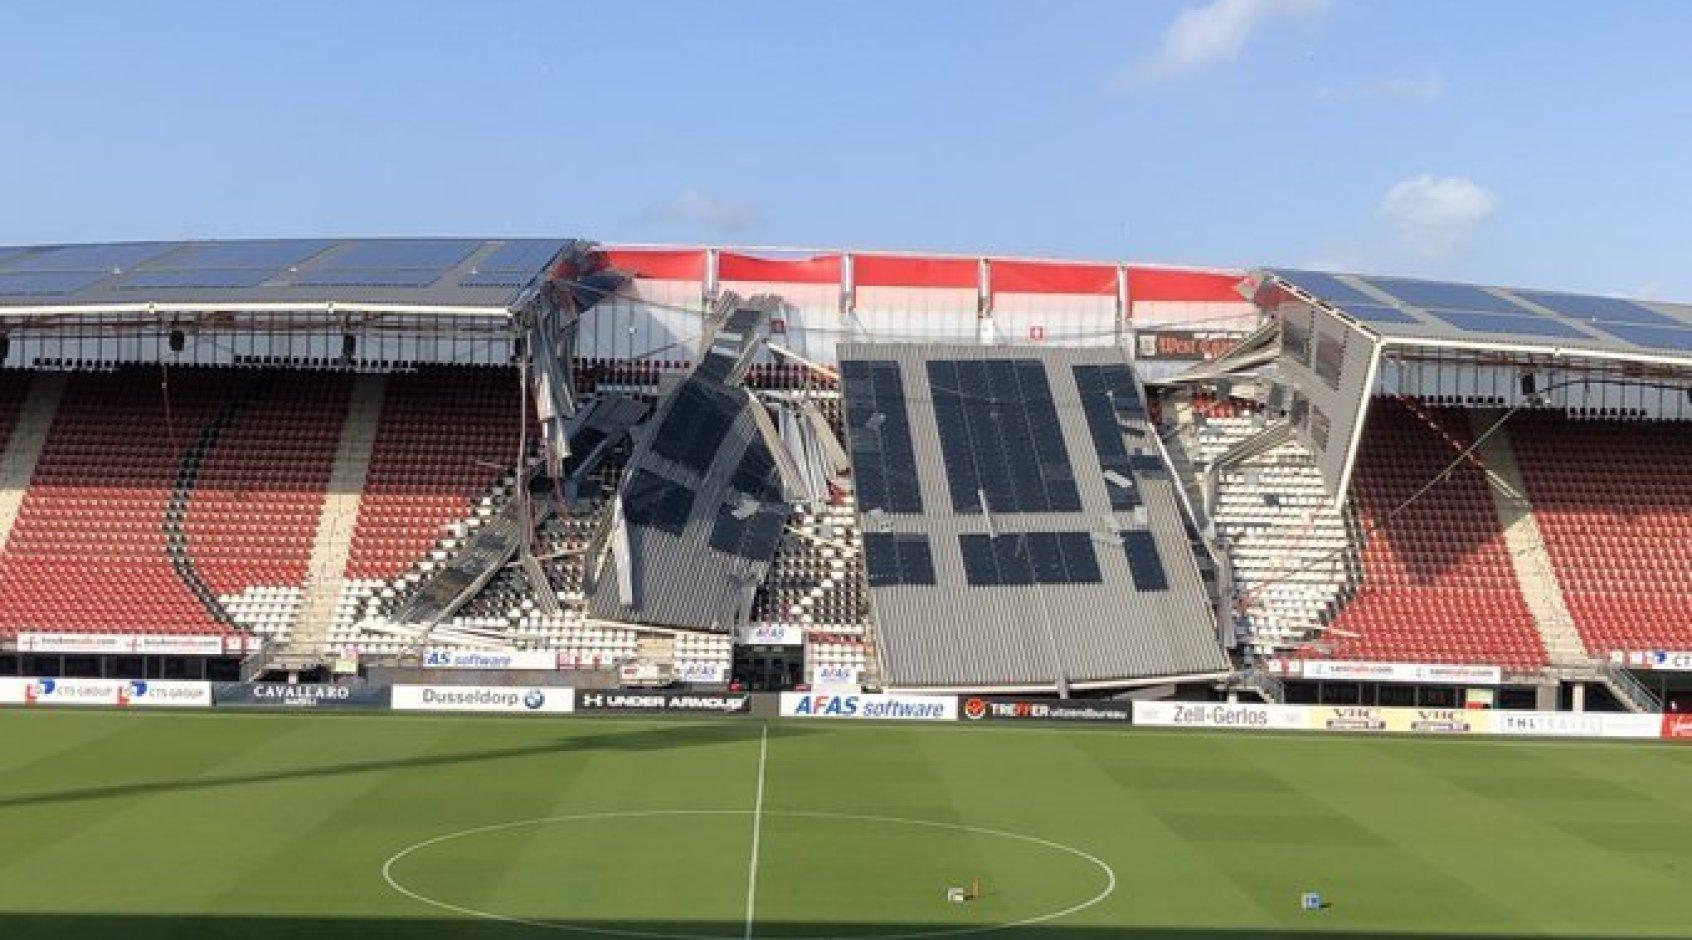 Руководство АЗ сделало официальное заявление относительно матчей на обрушившемся стадионе